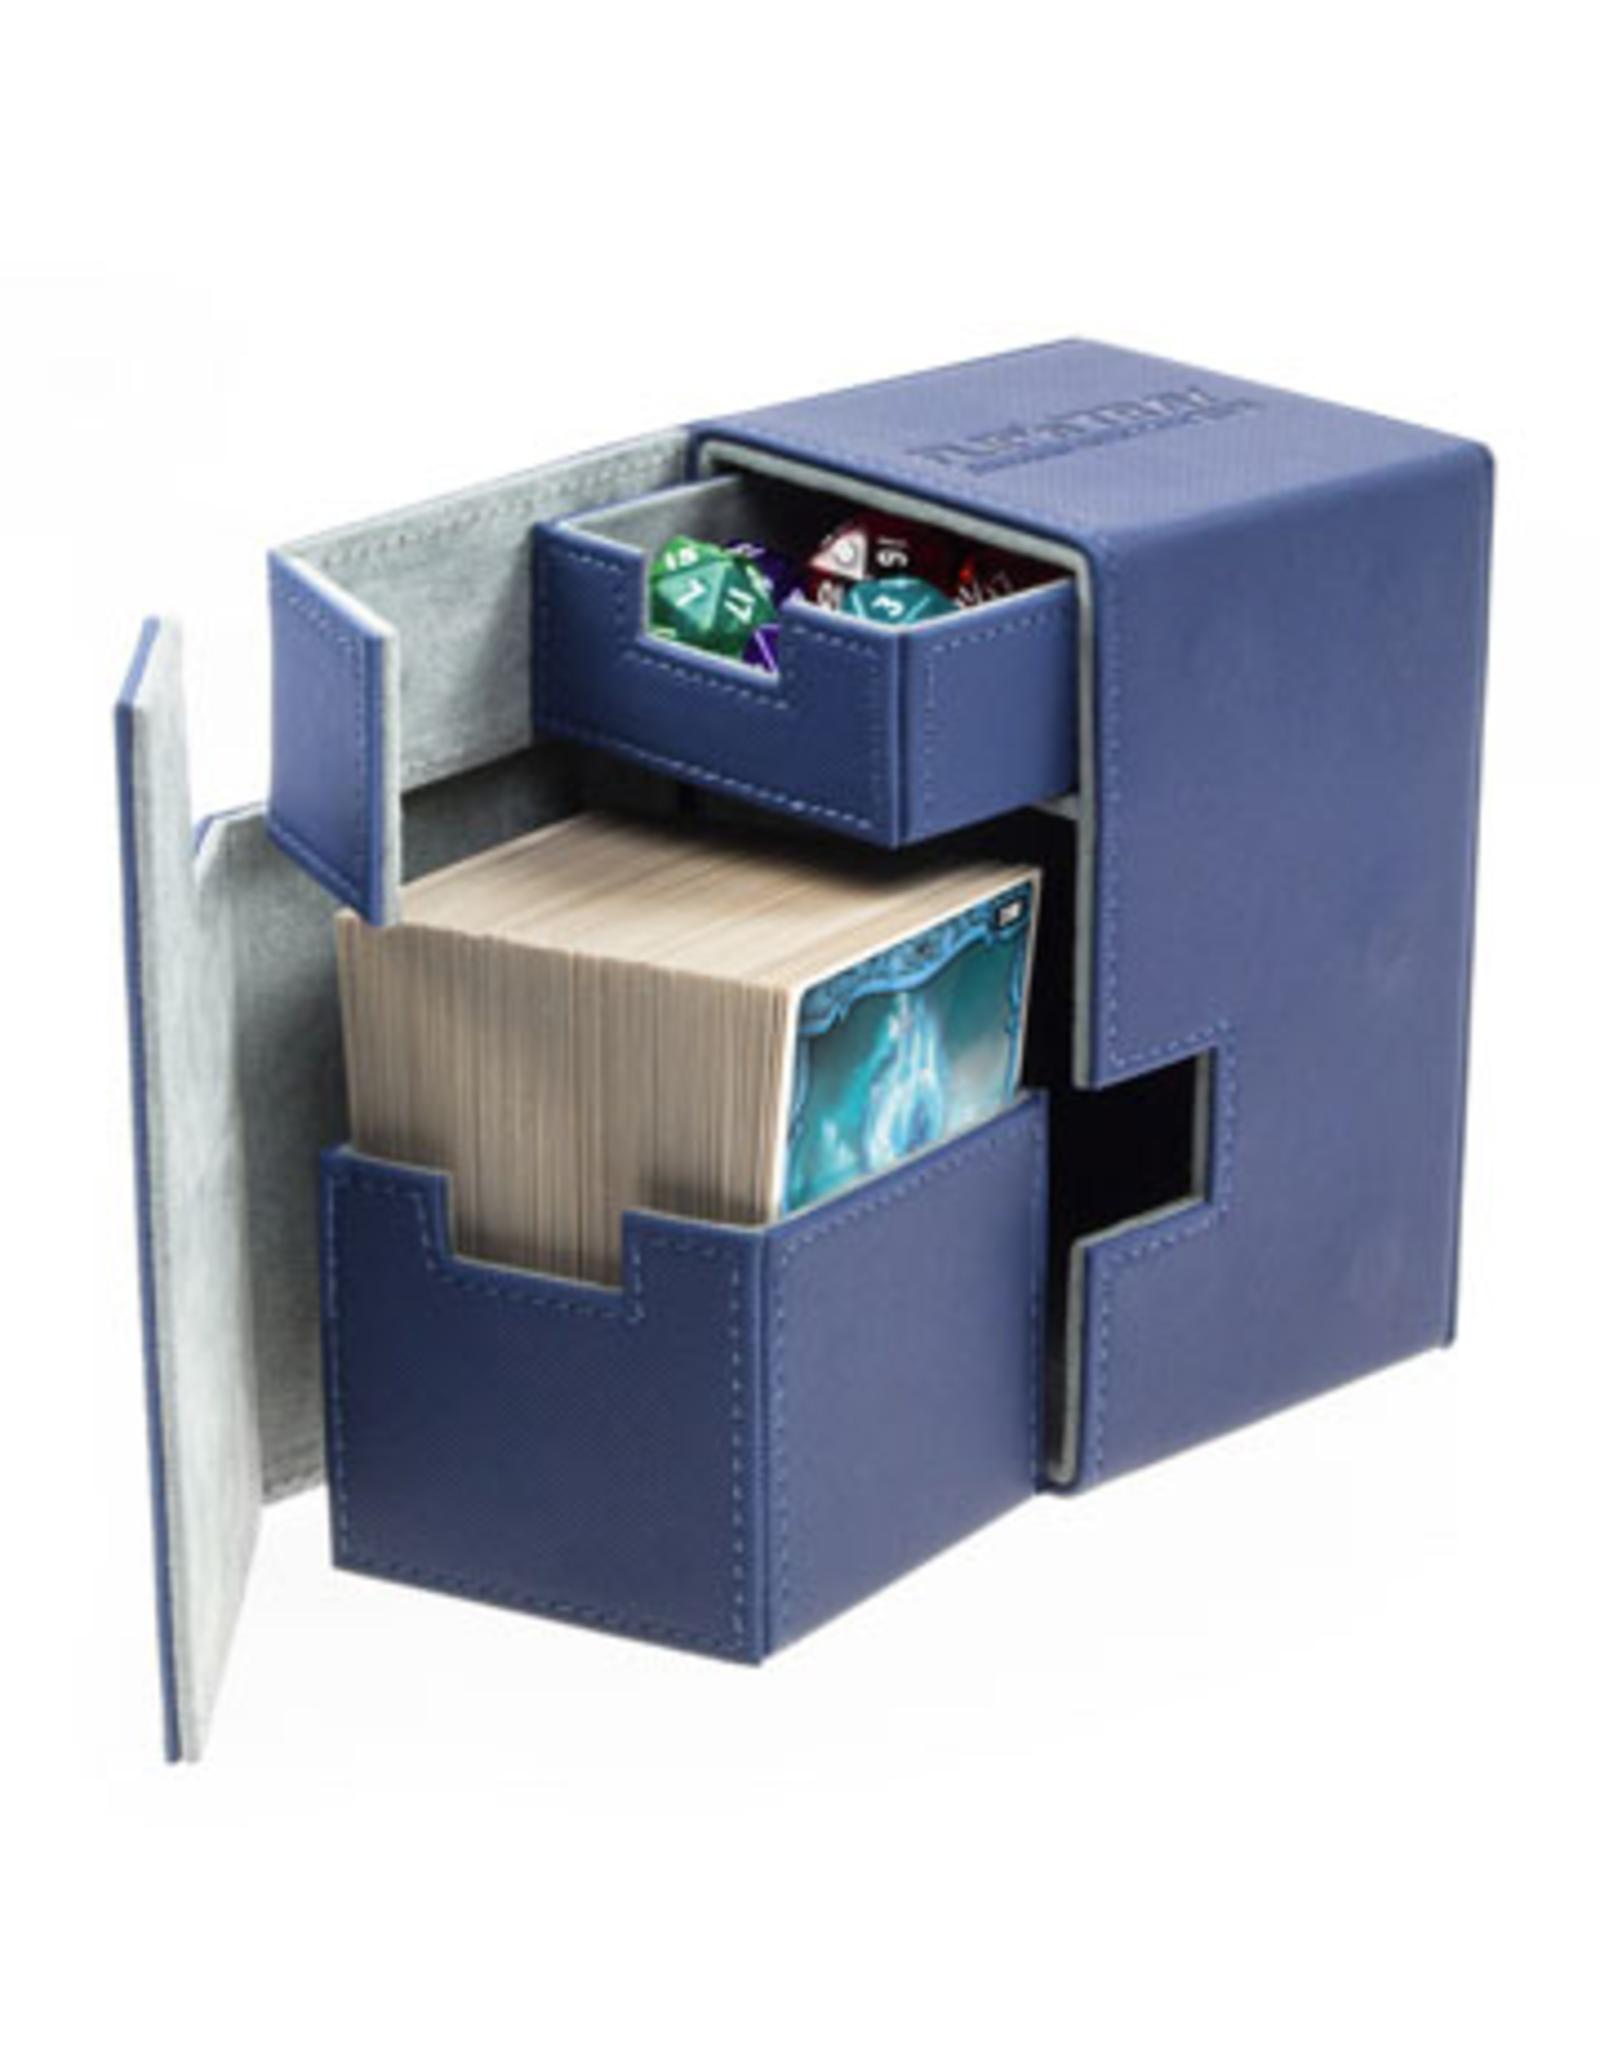 UG - Deckboxen Ultimate Guard Flip 'n' TrayDeck Case 100+ Standardgrösse XenoSkin Blau